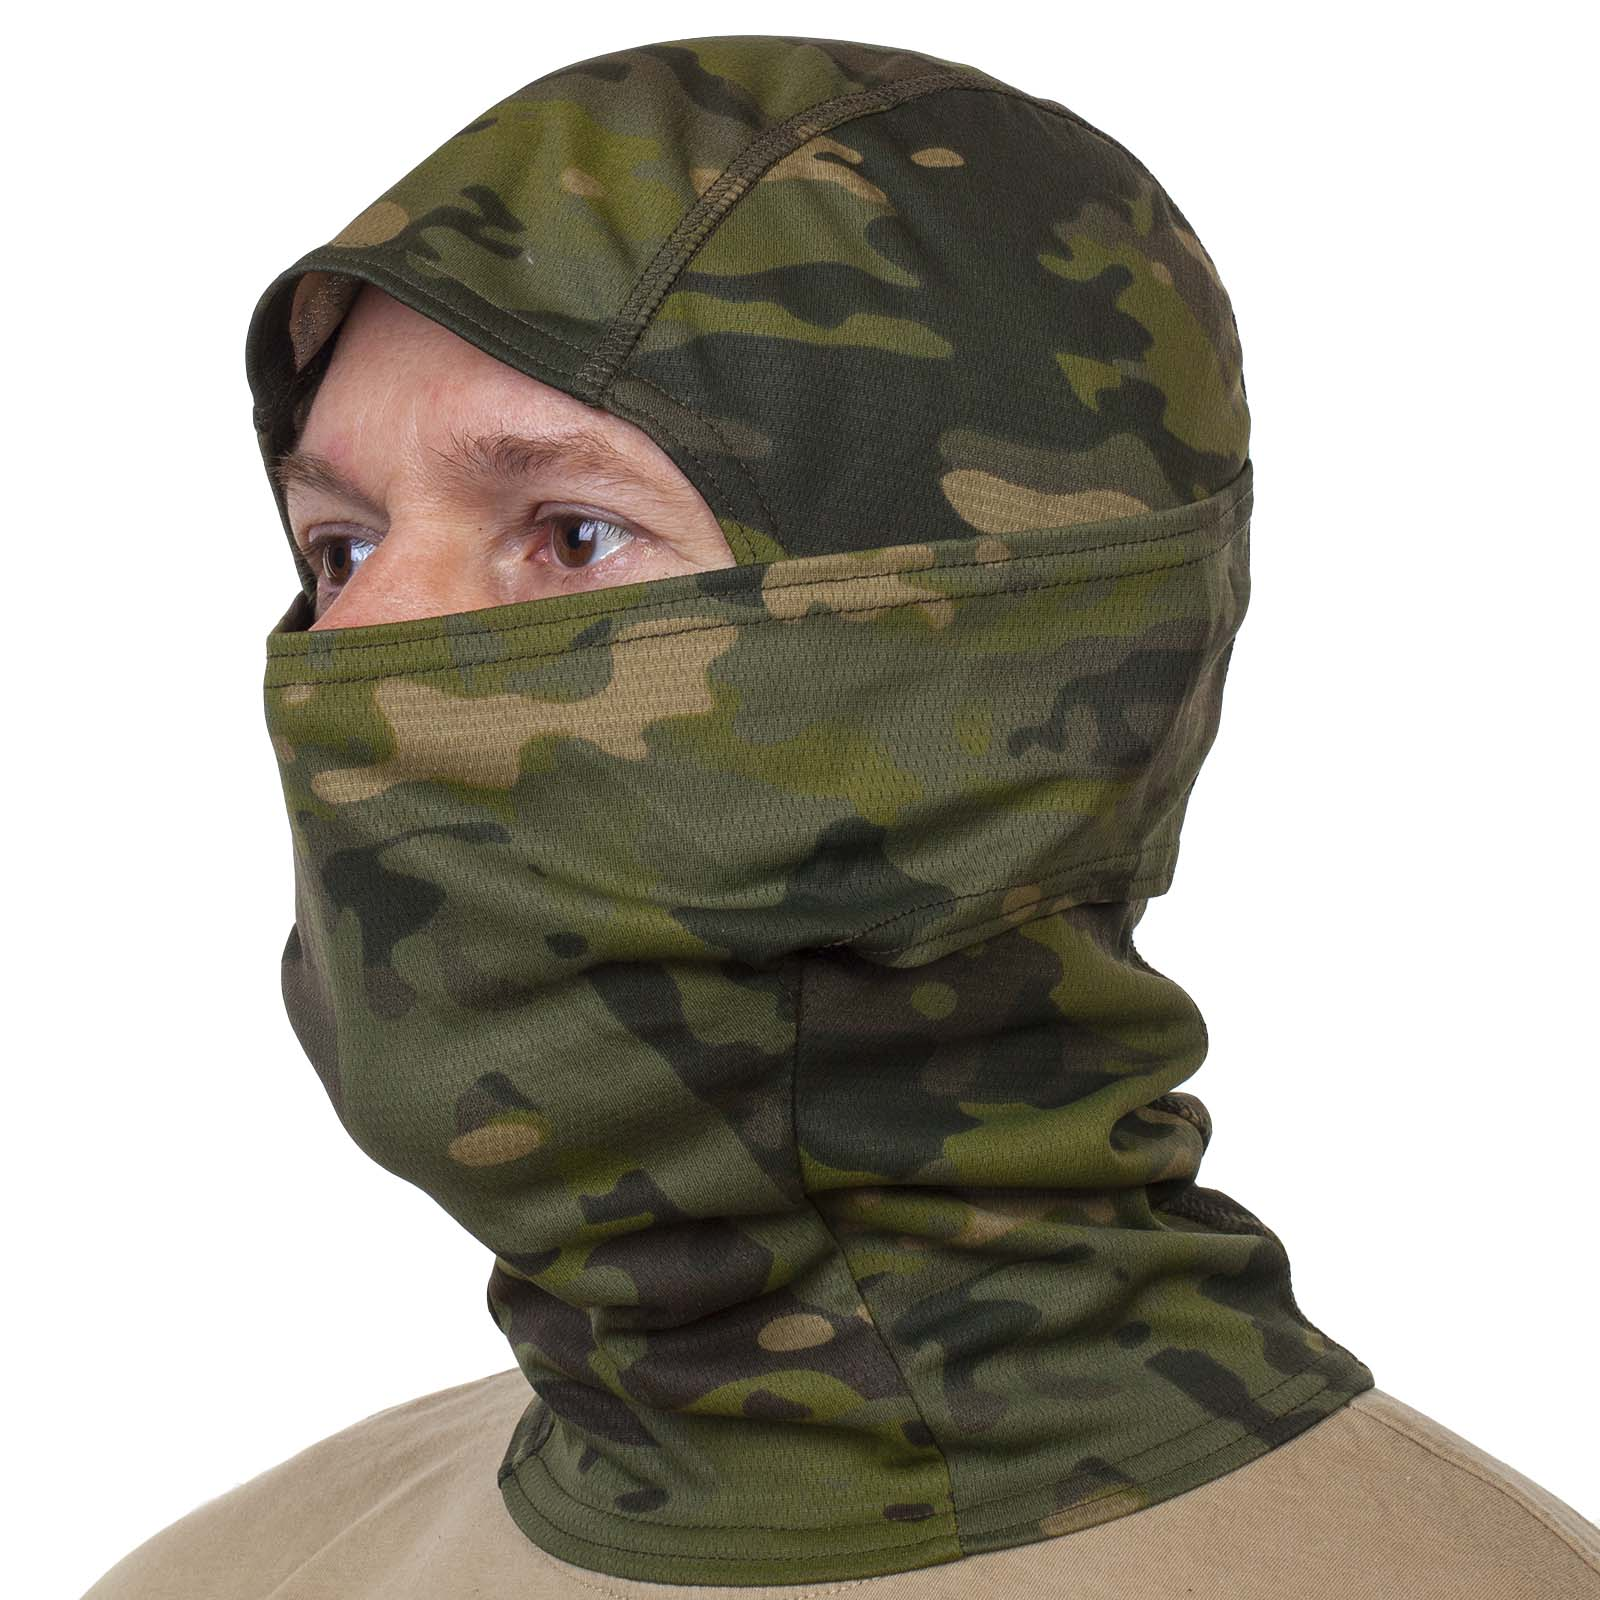 Купить маску подшлемник в камуфляжном дизайне